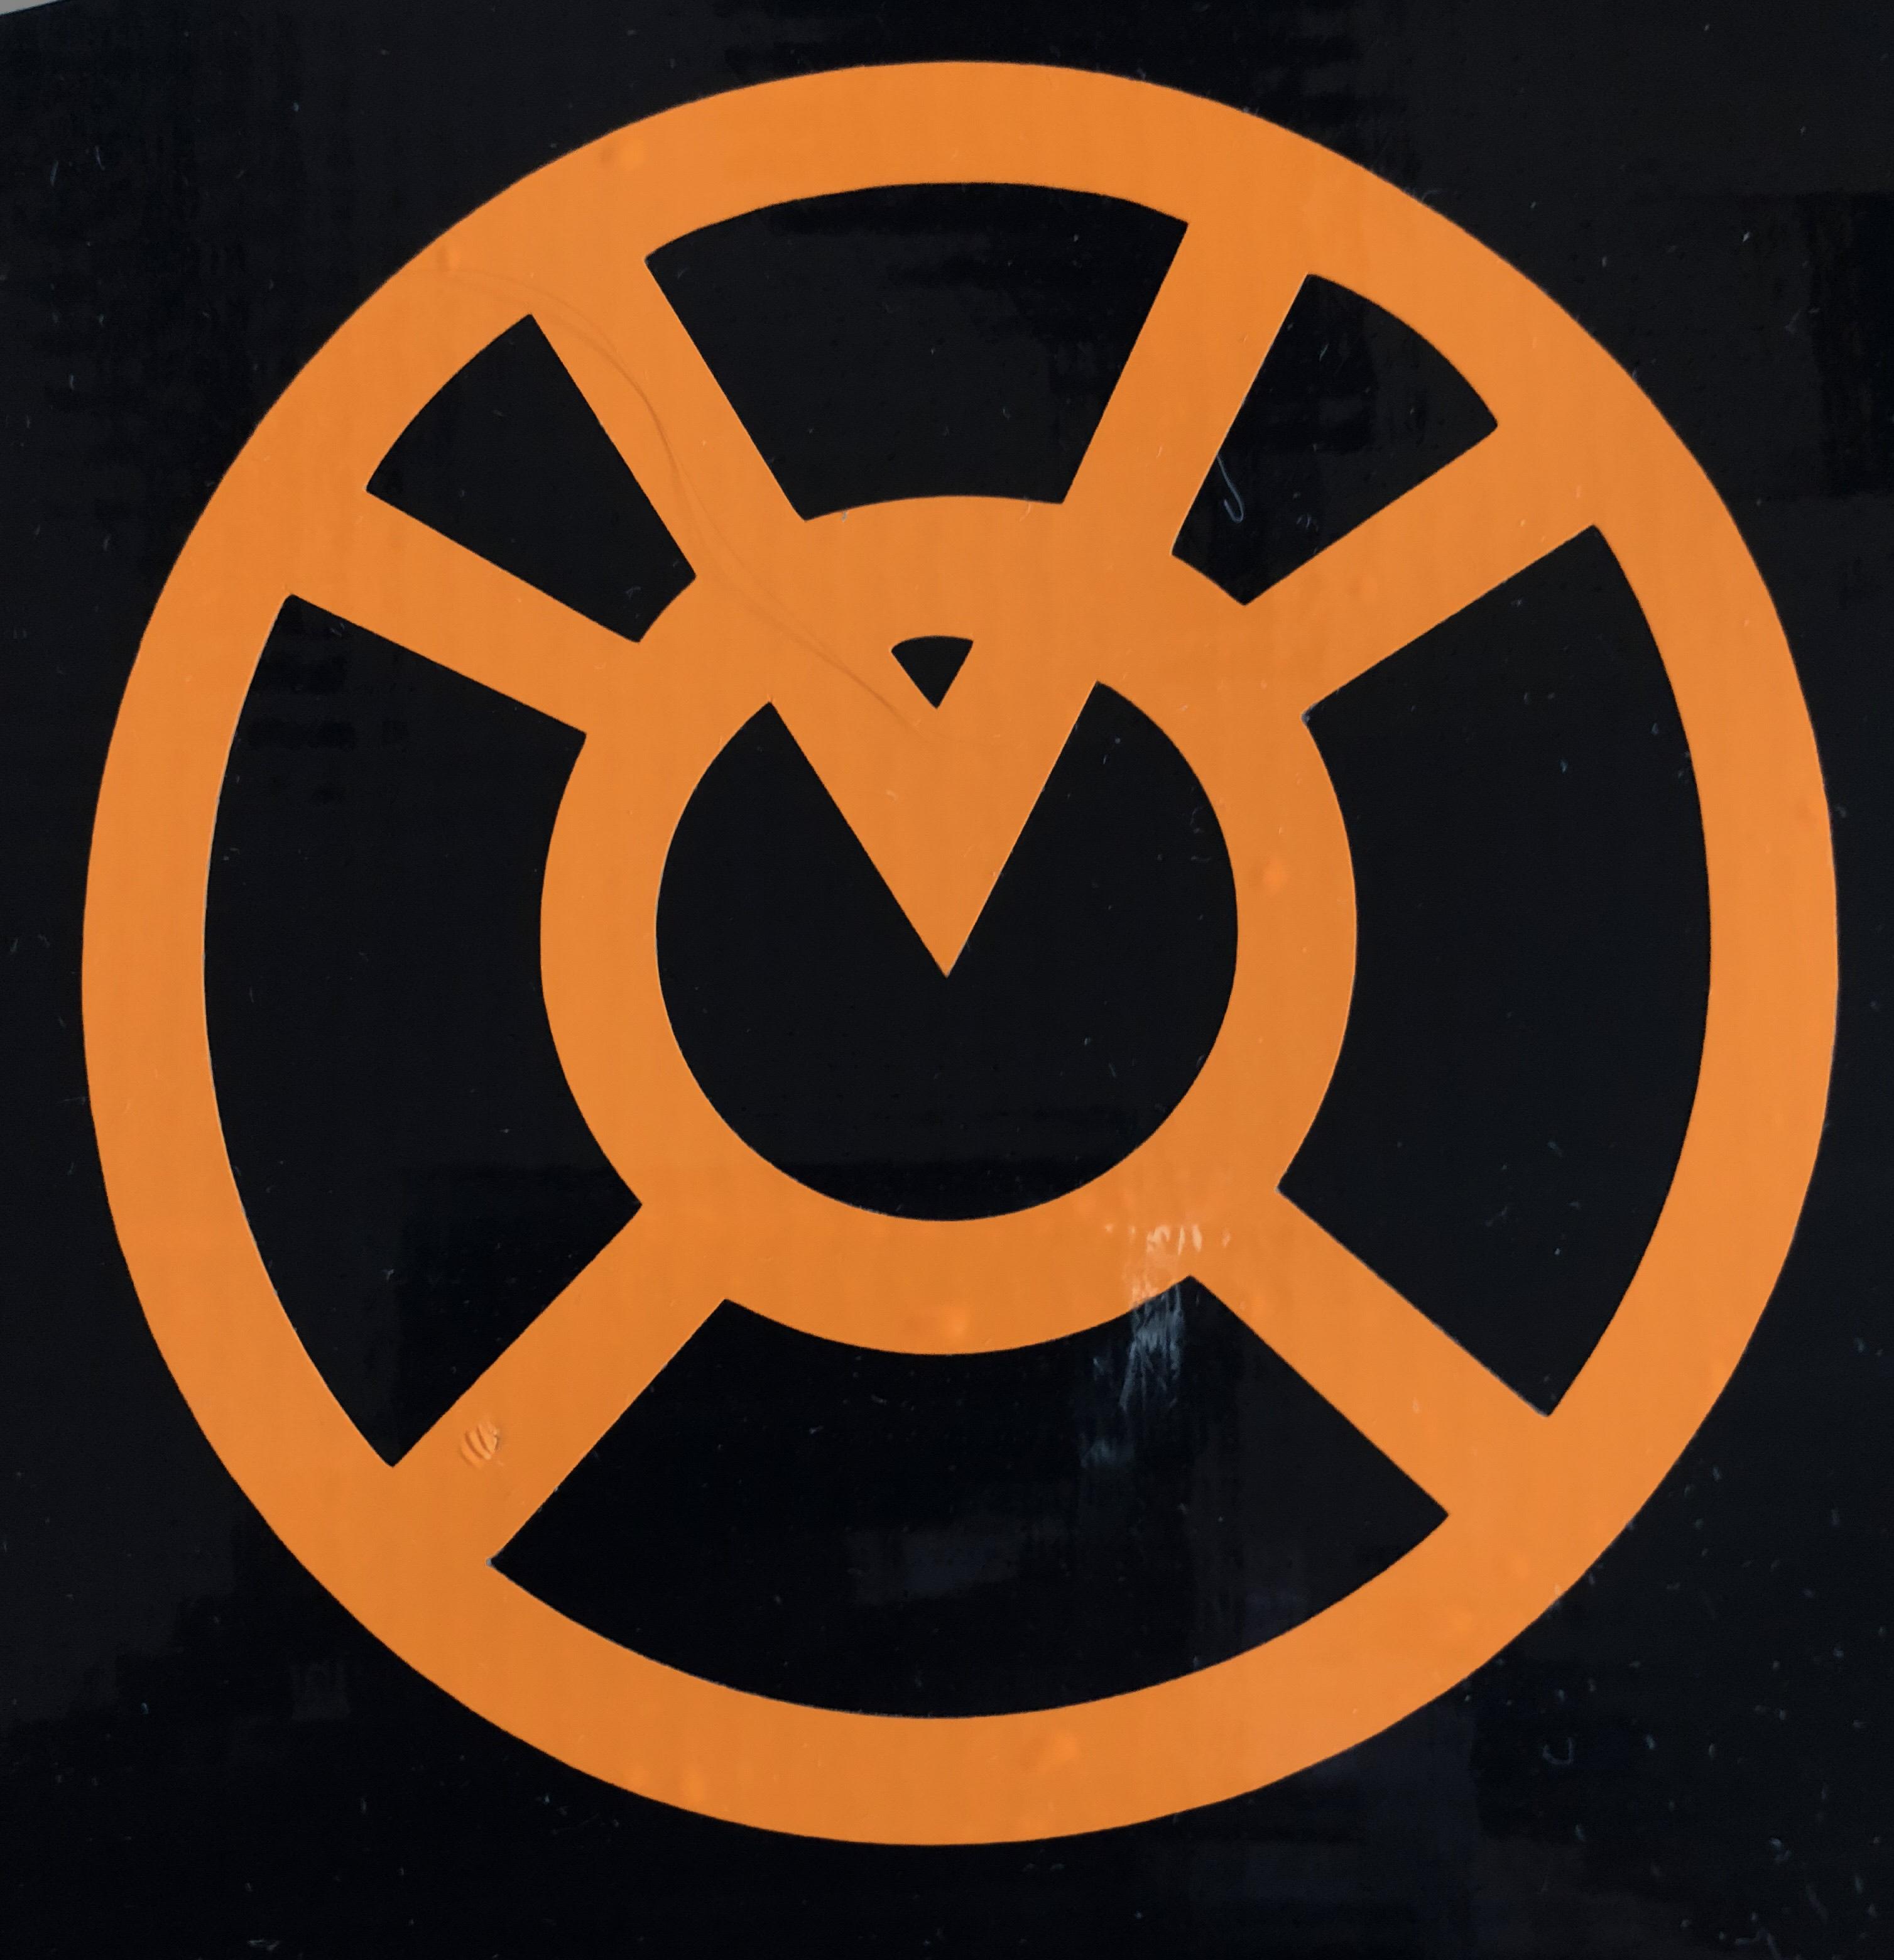 DC Orange Lantern